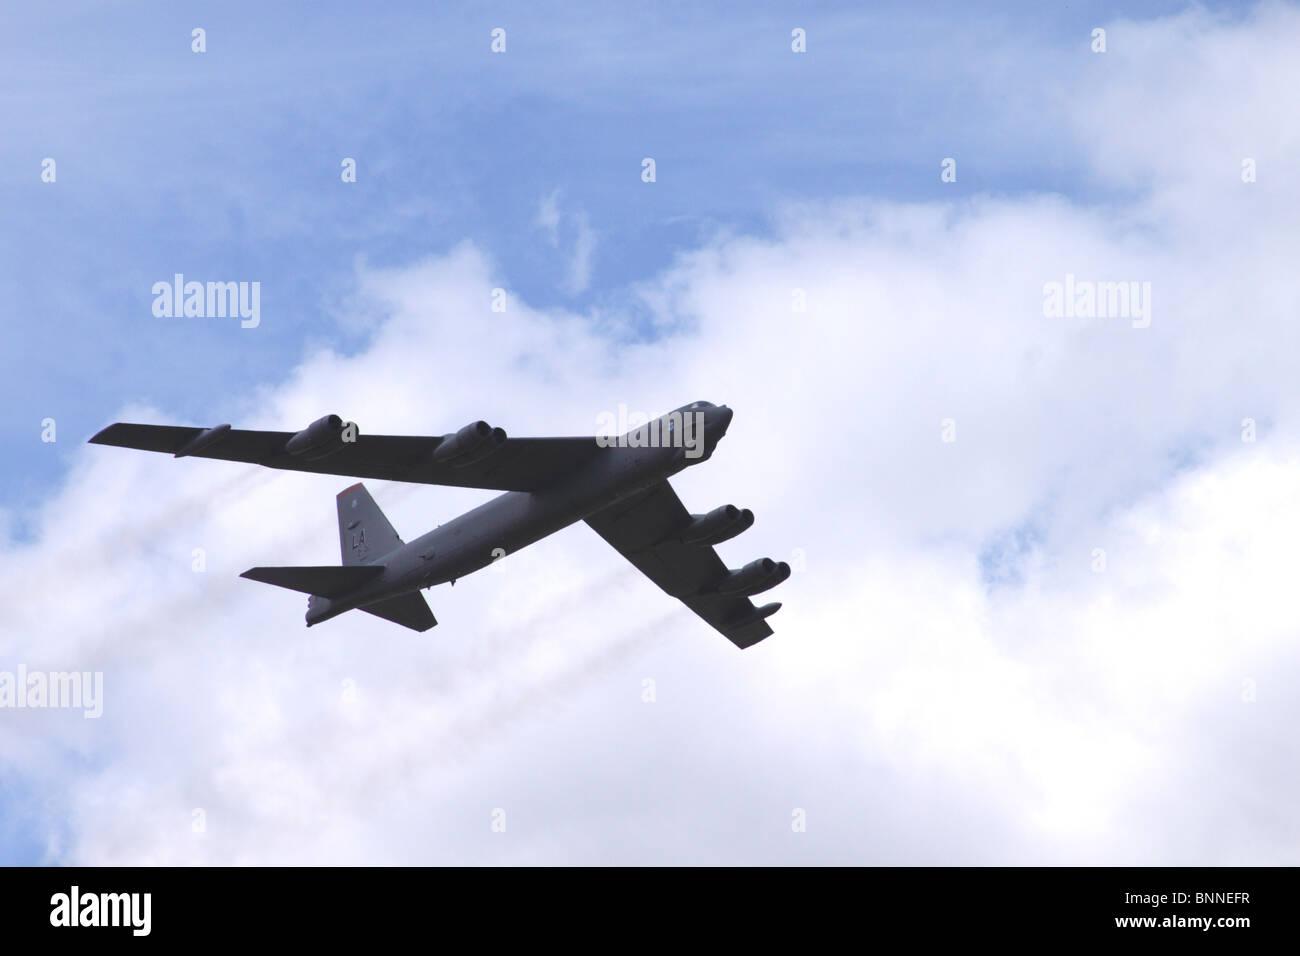 Boeing B52 Stratofortress bombardier stratégique volant à Farnborough 2010 Banque D'Images